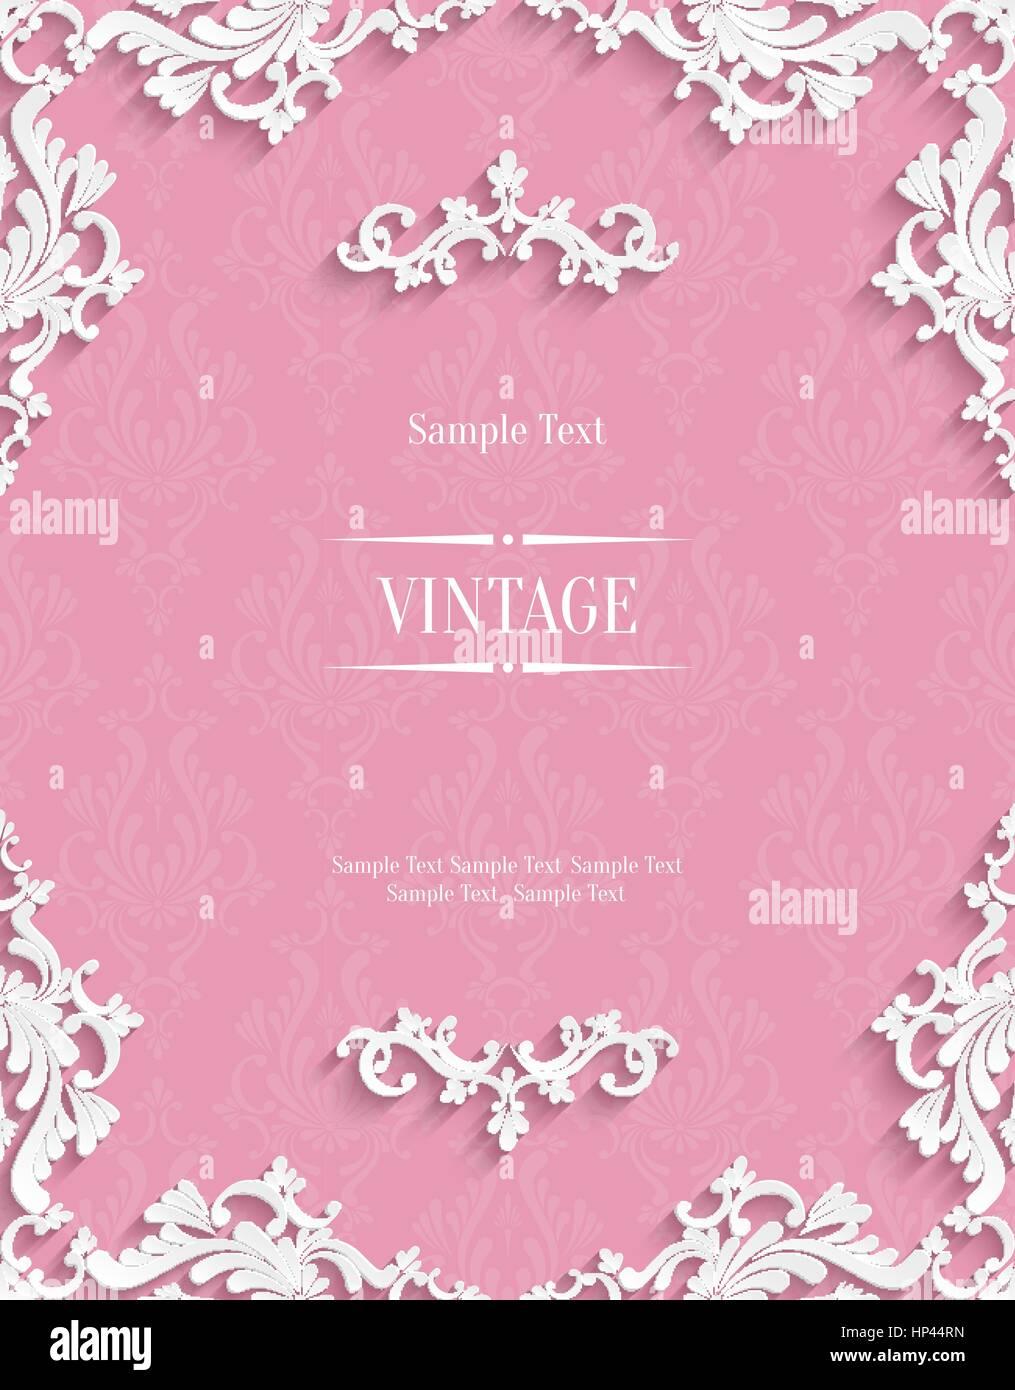 vector pink vintage background with 3d floral damask pattern